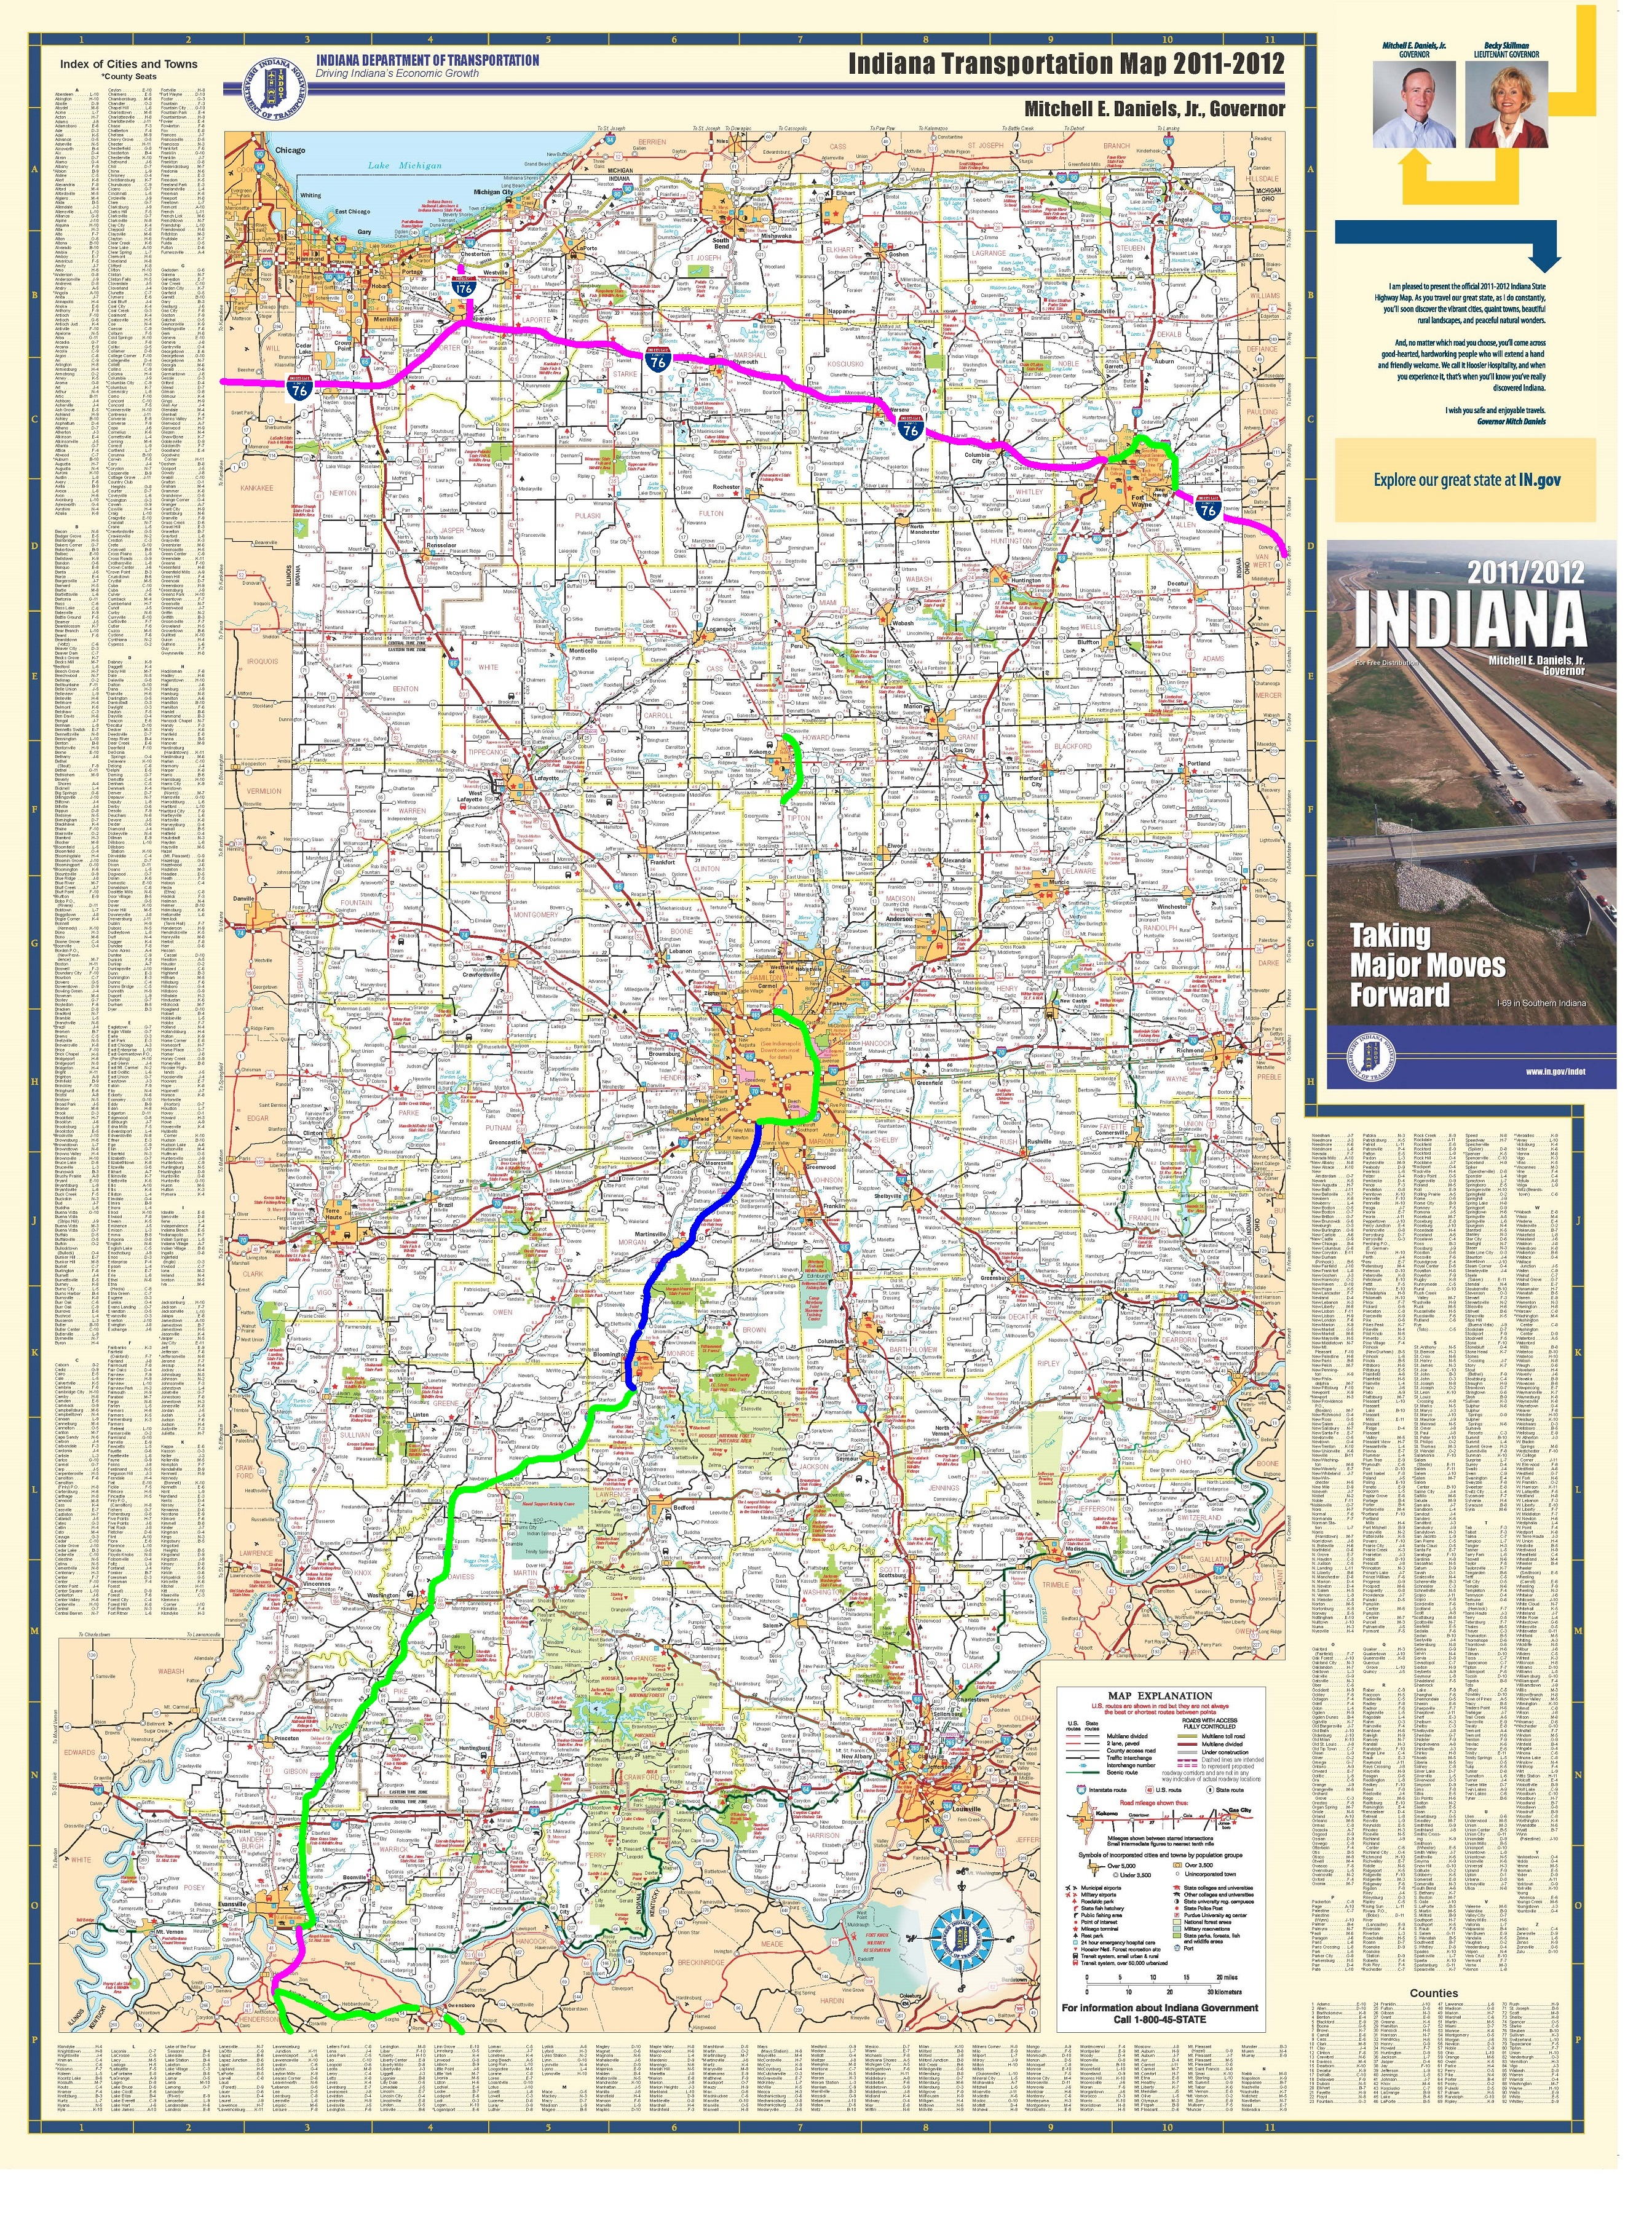 Future I-67, Future I-72, Future I-76 Illiana Corridor on map of interstate 90, map of interstate 20, map of interstate 69, map of interstate 73, map of interstate 480, map of interstate 99, map of us interstate highway system, map of interstate 5, map of interstate 70, map of interstate 25, map of interstate 280, map of interstate 15, map of interstate 77, map of interstate 8, map of interstate 485, map of interstate 35, map of interstate 75, map of interstate 45, map of interstate 79, map of interstate 80,